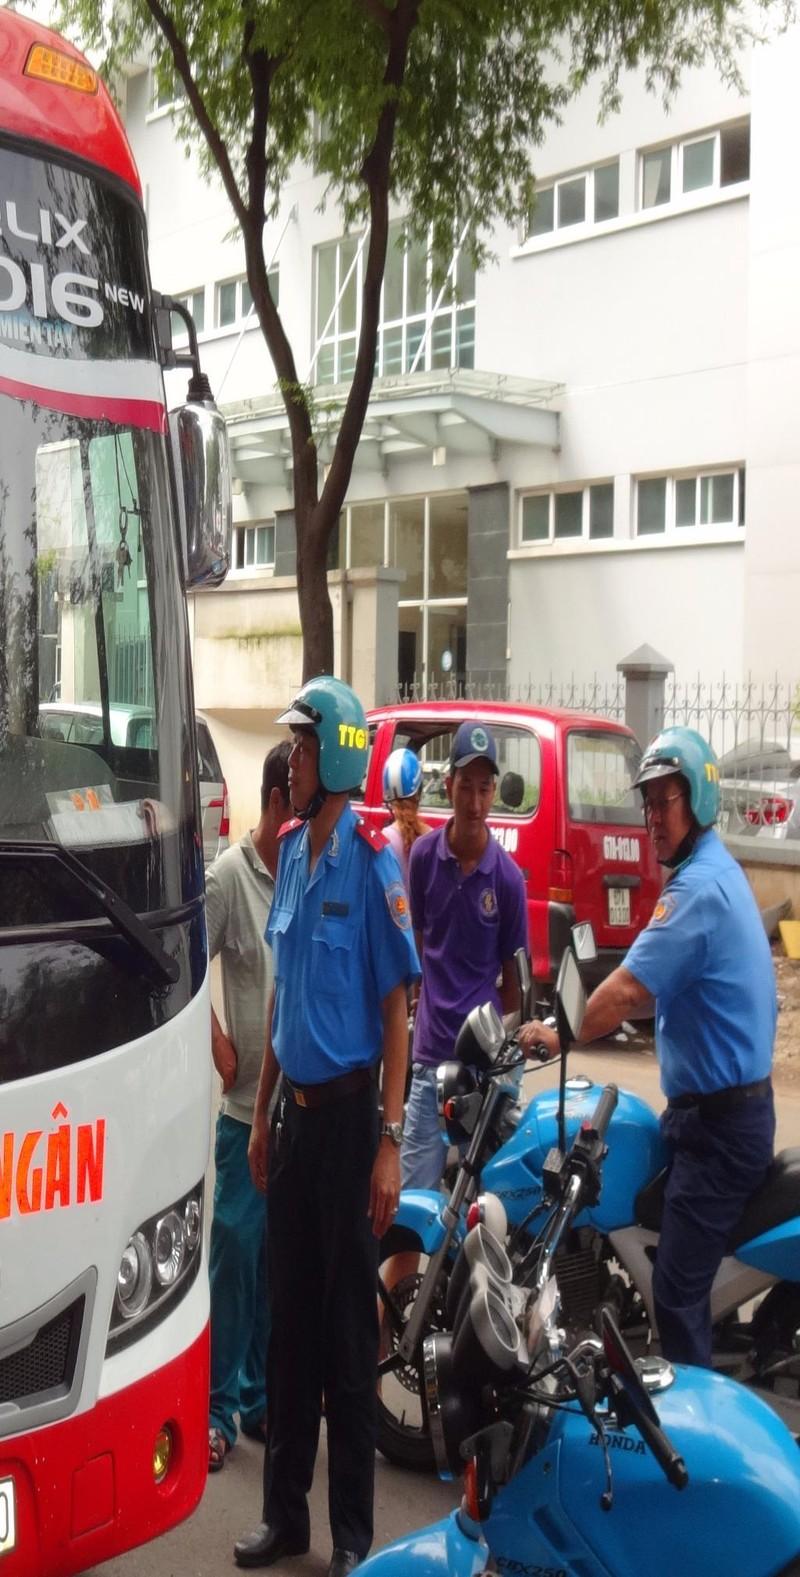 Thanh tra GTVT kiểm tra, xử lý xe khách không có hợp đồng trên đường Tản Đà, quận 5